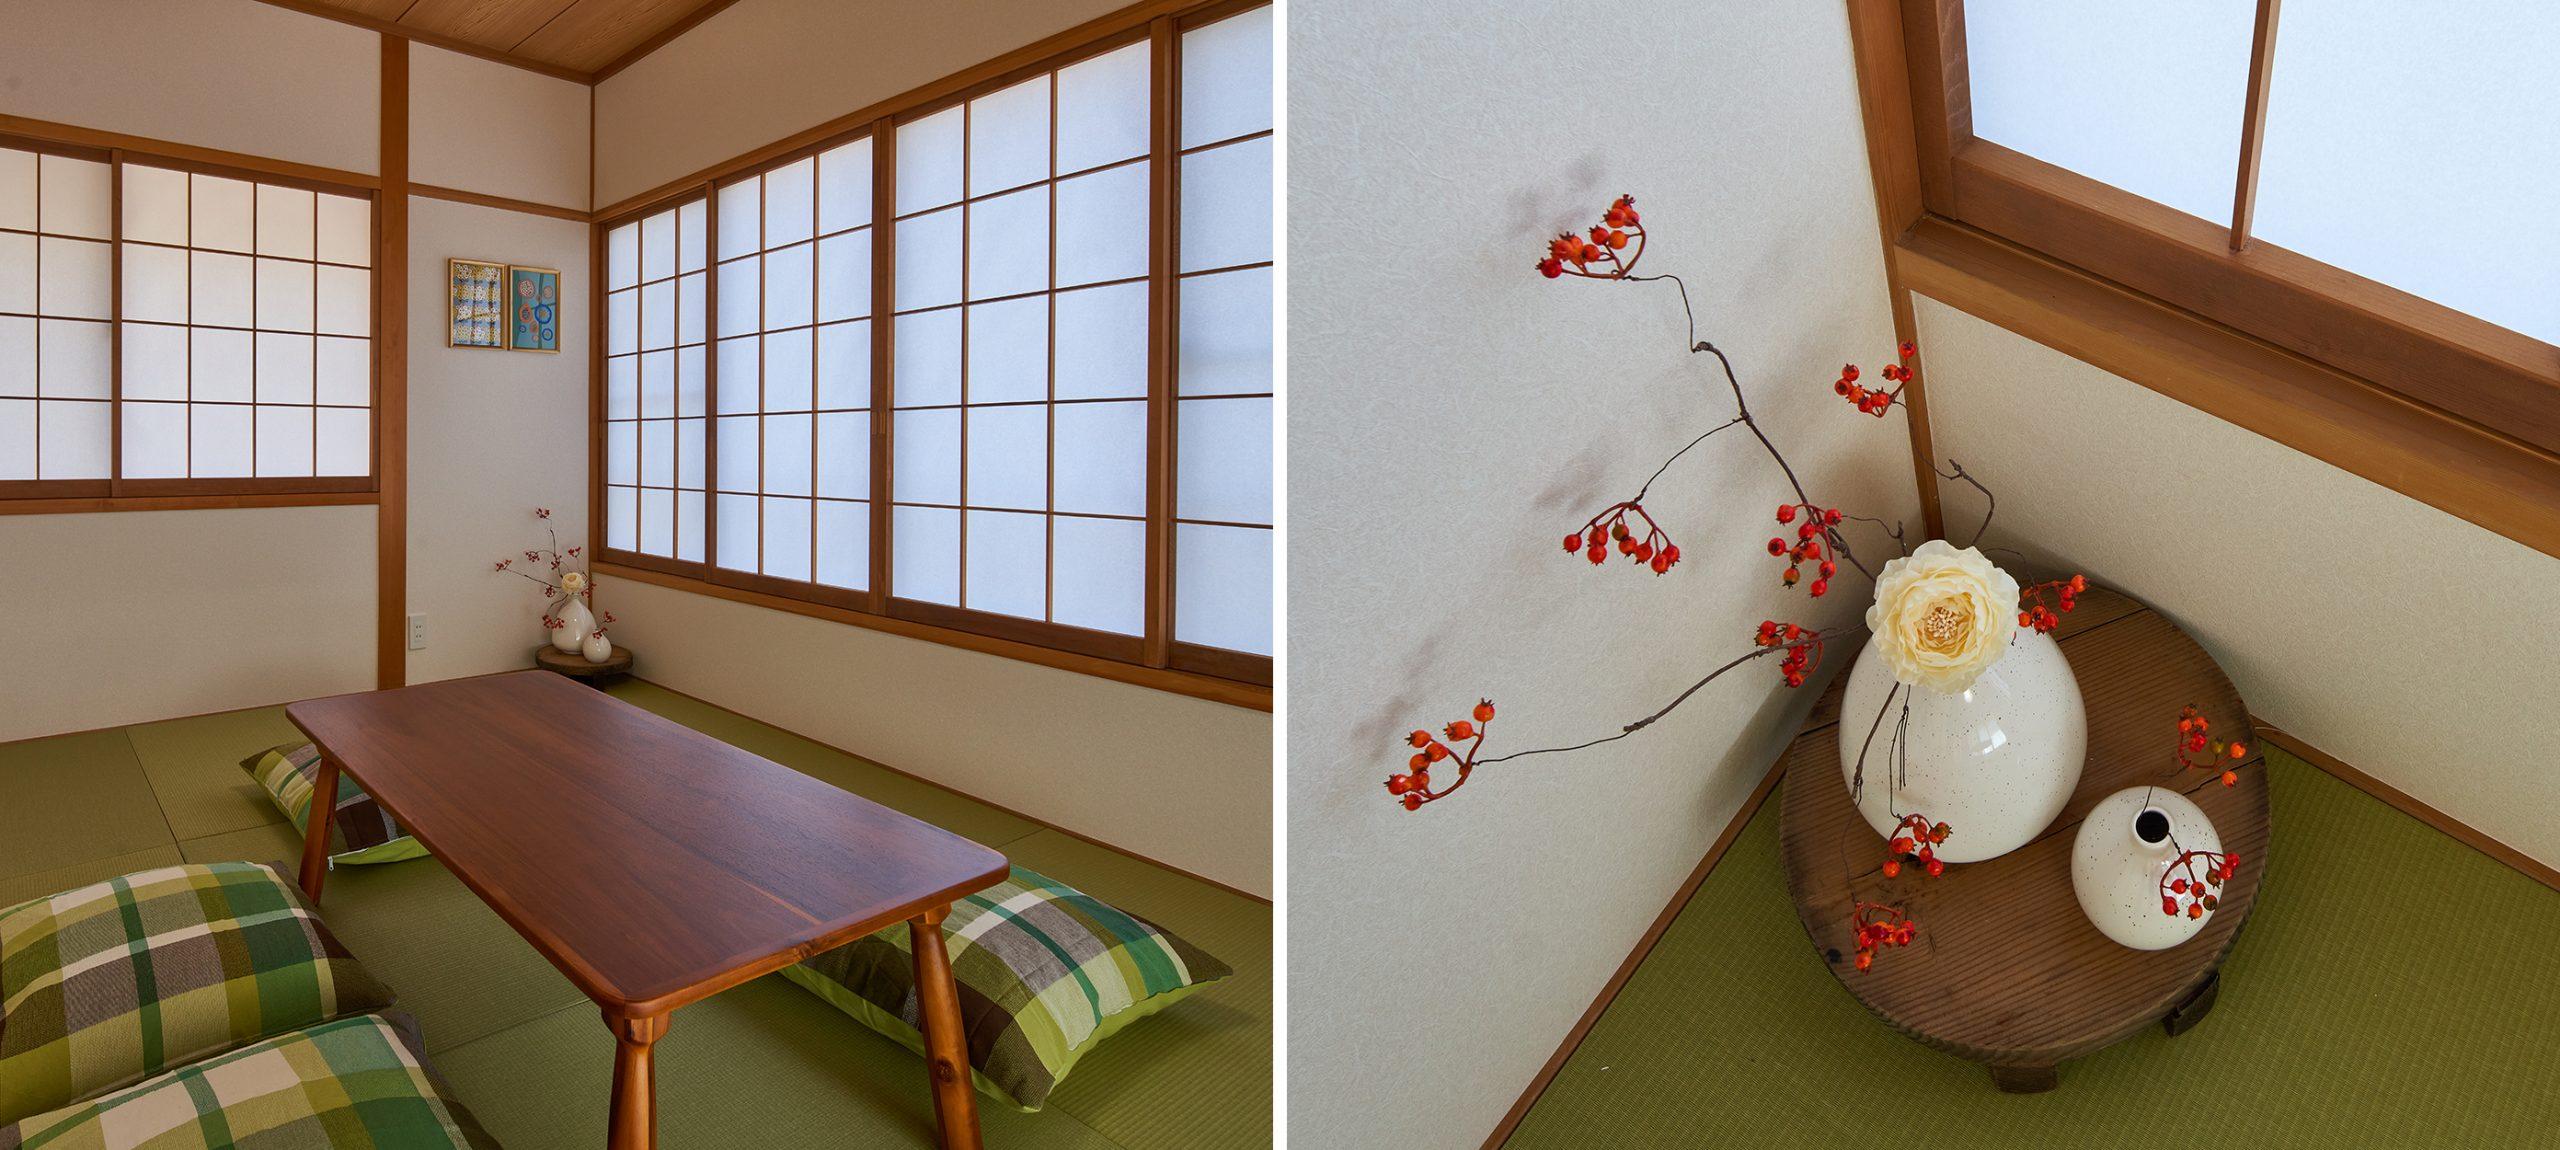 群馬県北軽井沢エリア嬬恋村にある別荘のVMD・インテリアコーディネート事例